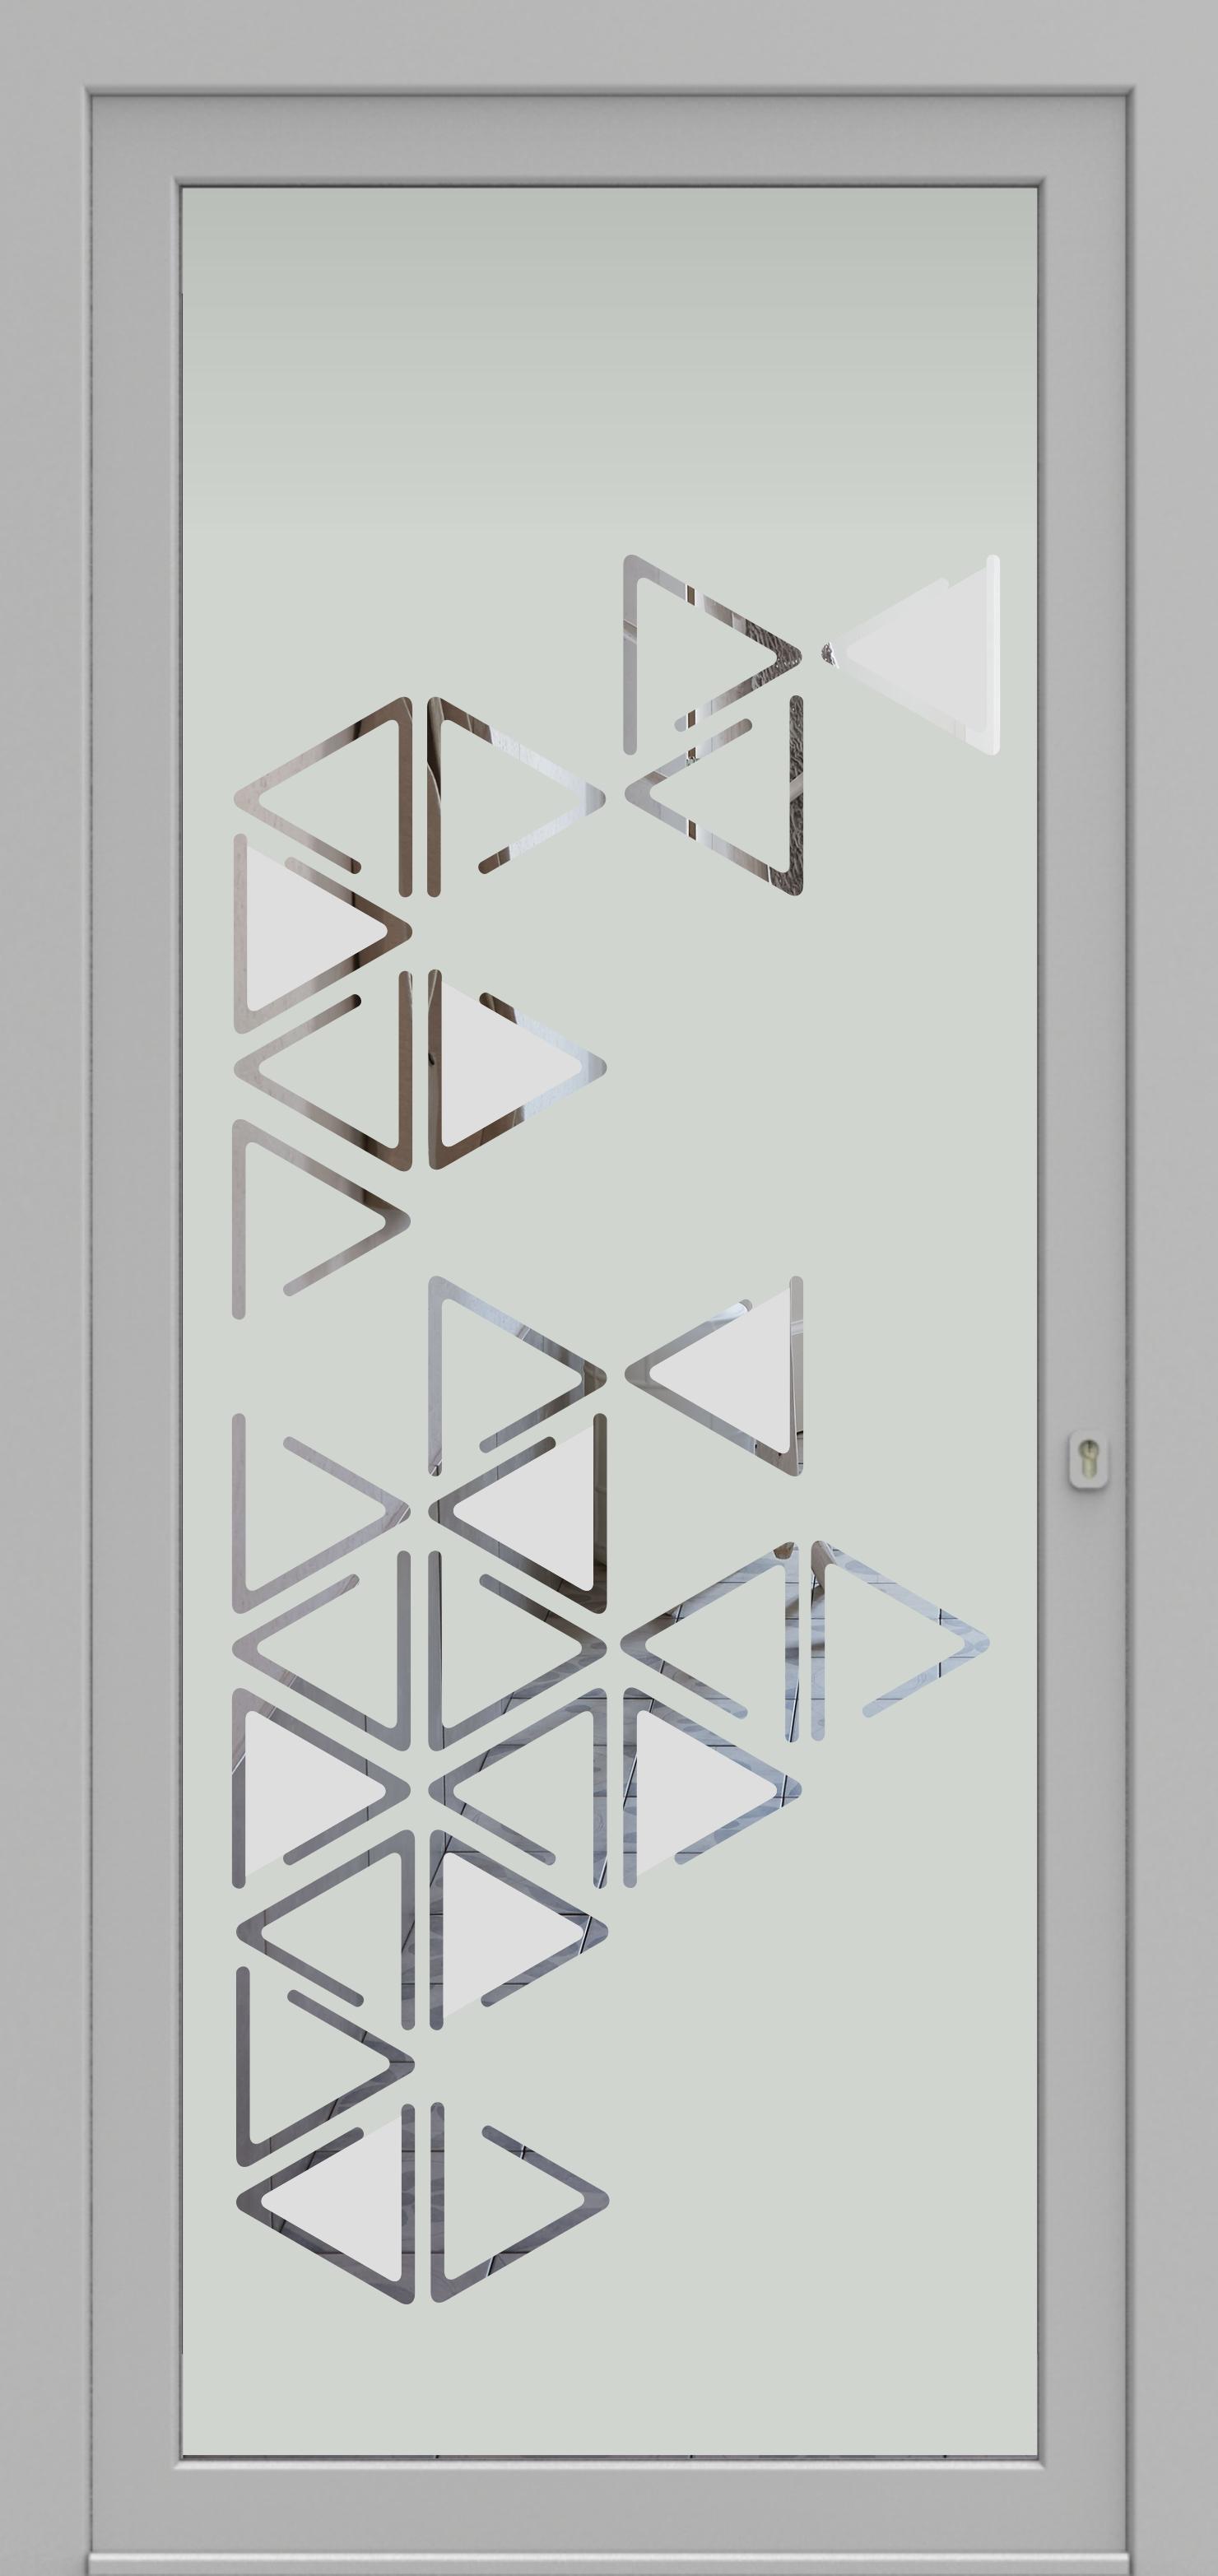 Porte d'entrée DECOVER 3/03 de la gamme Decover posée par les établissements CELEREAU à Roncq